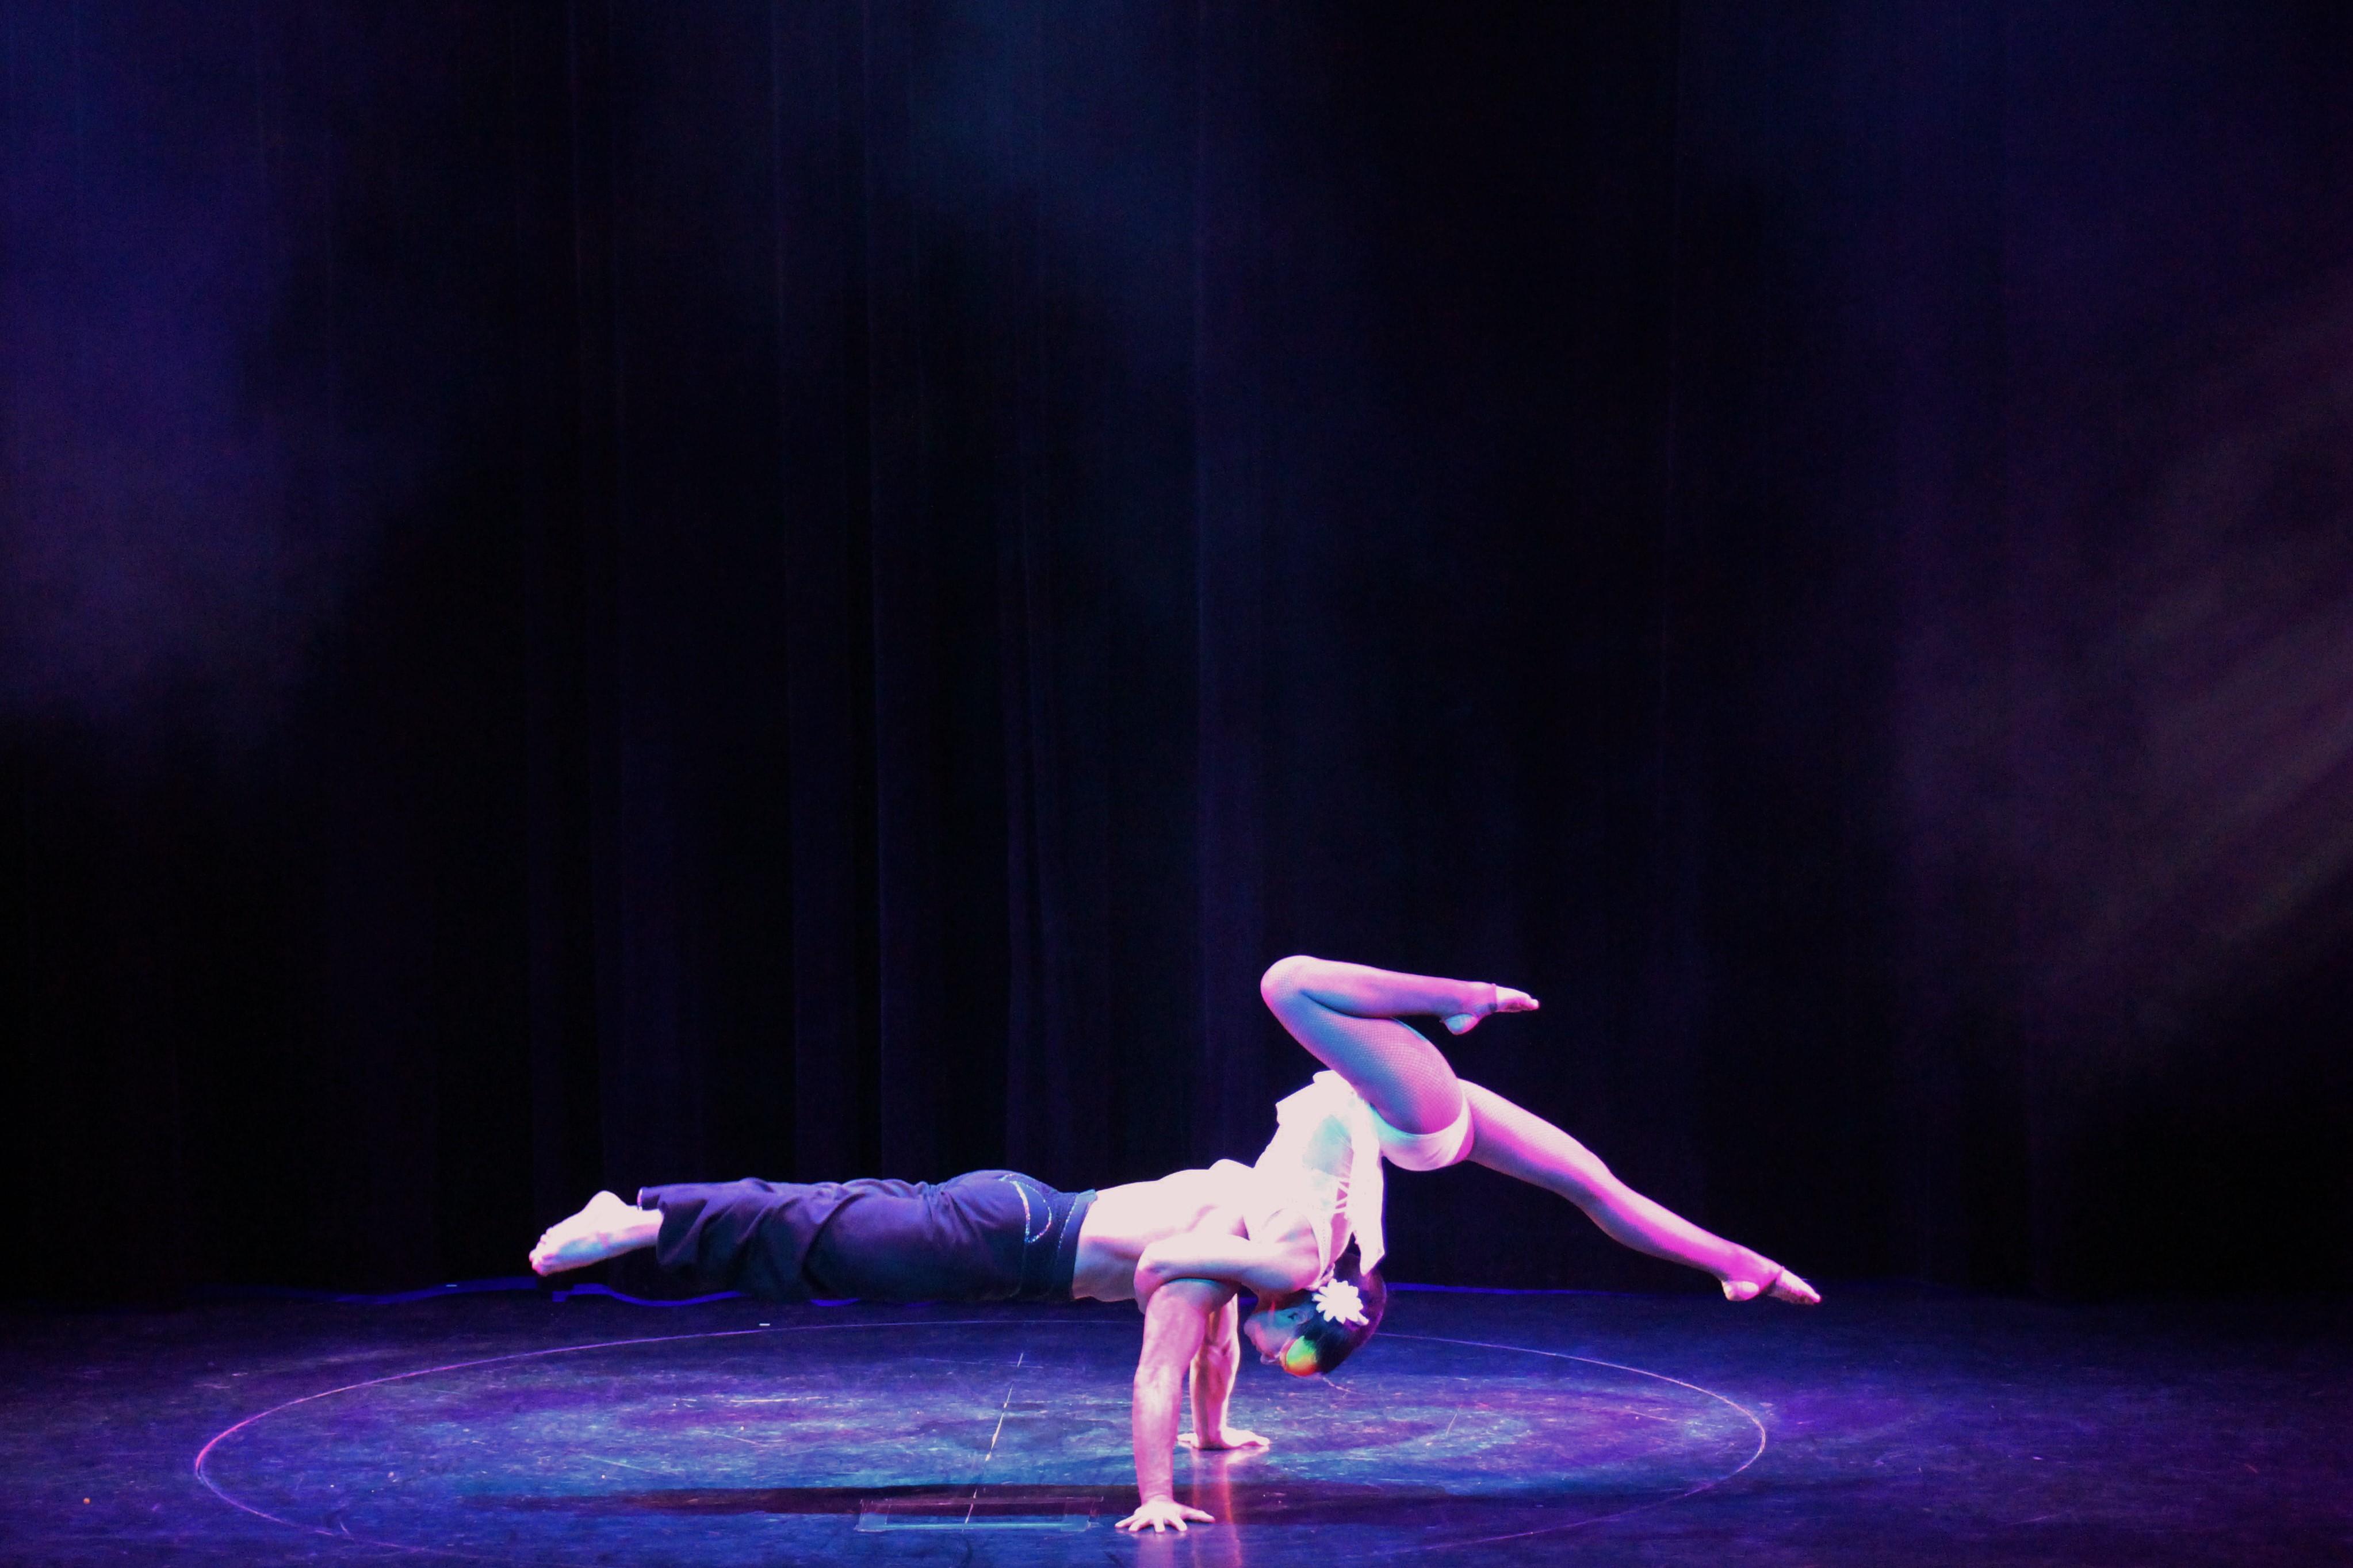 Adagio Acrobatique